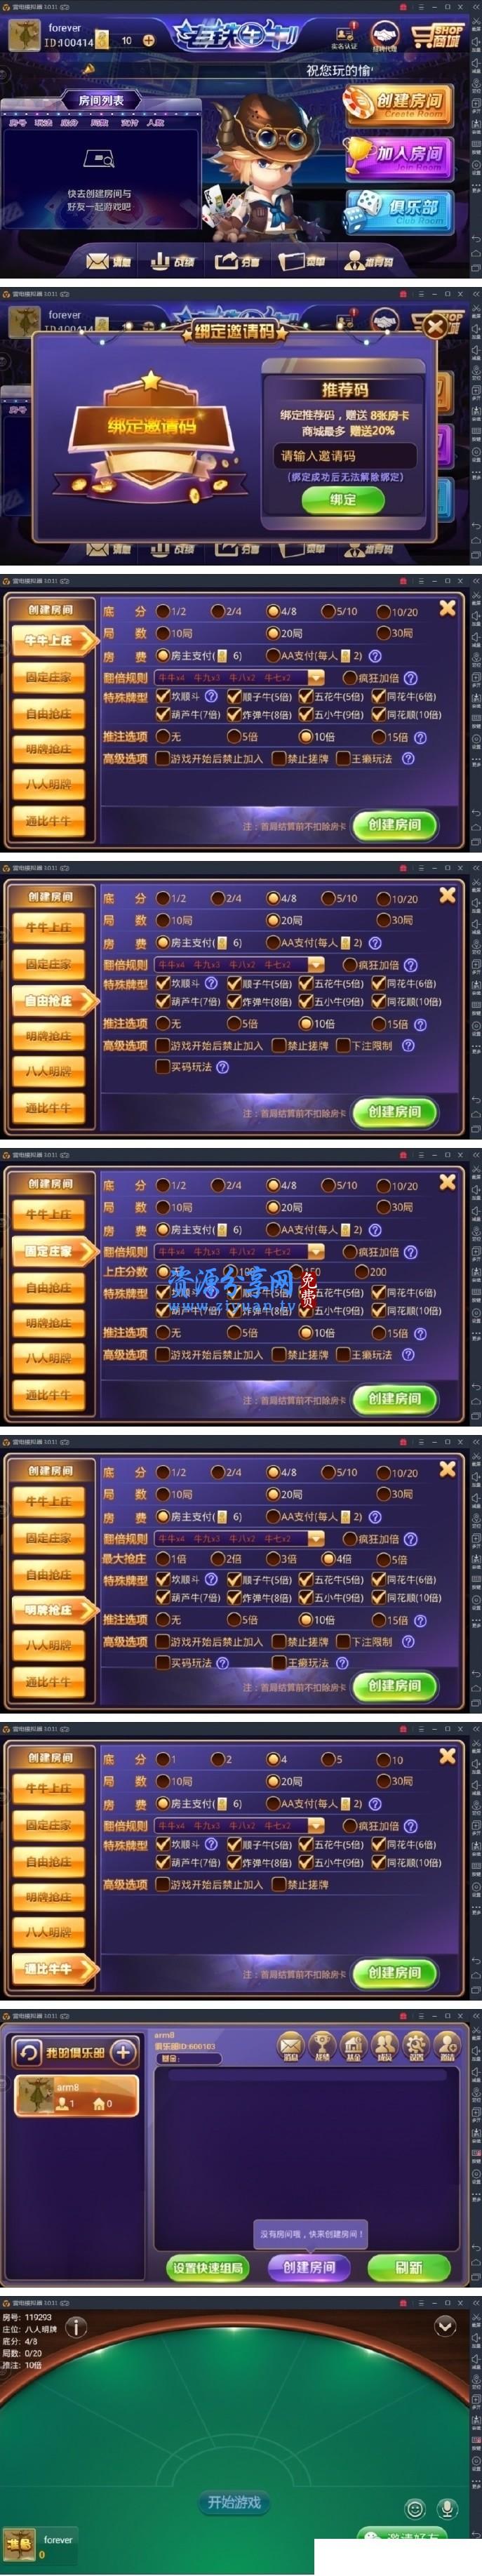 最新【老铁牛牛 2】终极版